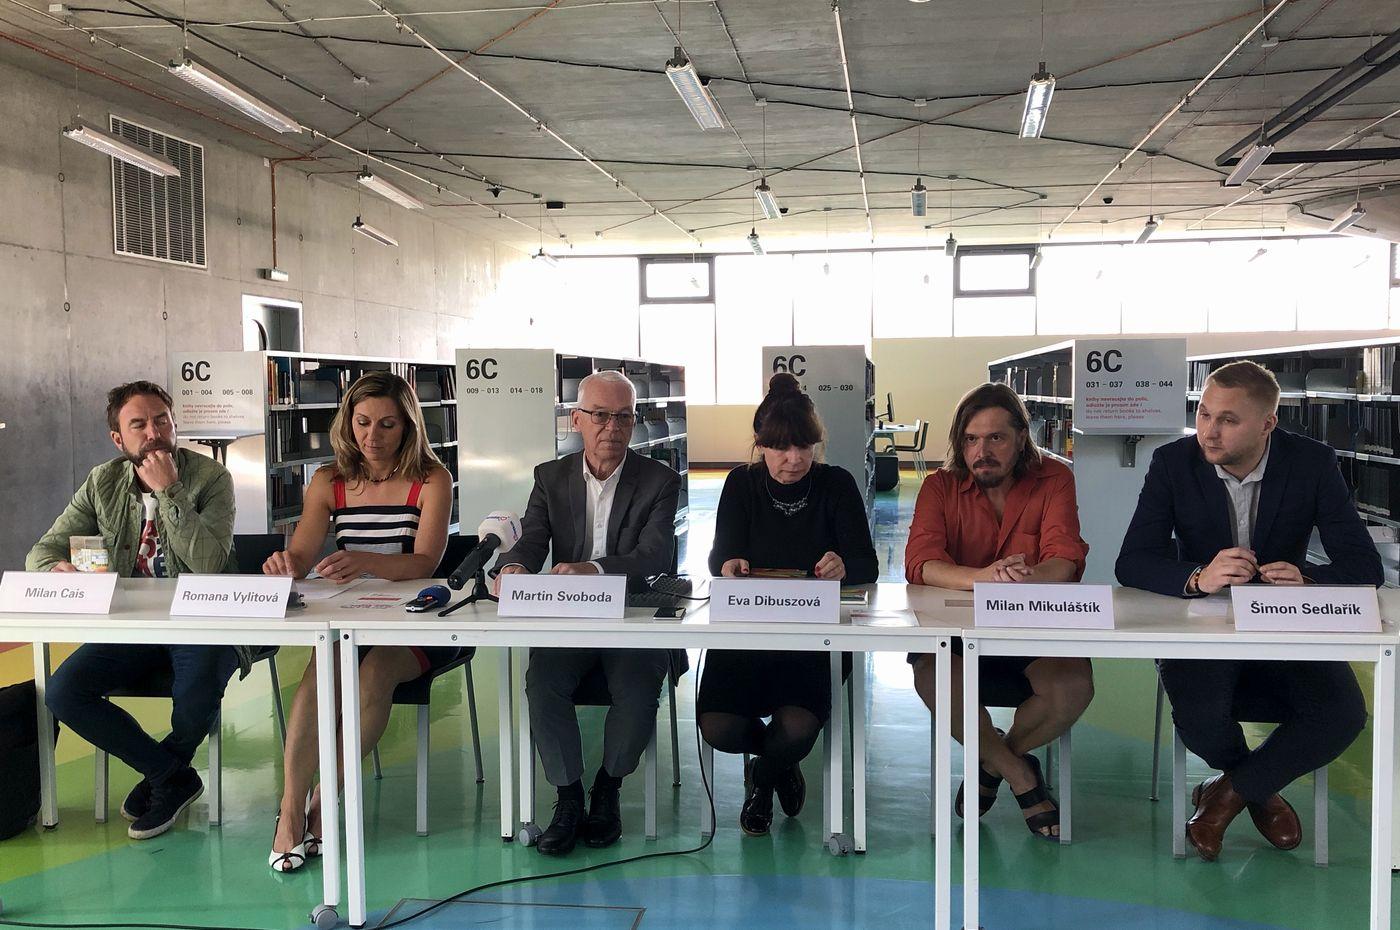 Tisková konference (Milan Cais, Romana Vylitová, Martin Svoboda, Eva Dibuszová, Milan Mikuláštík a Šimon Sedlařík)